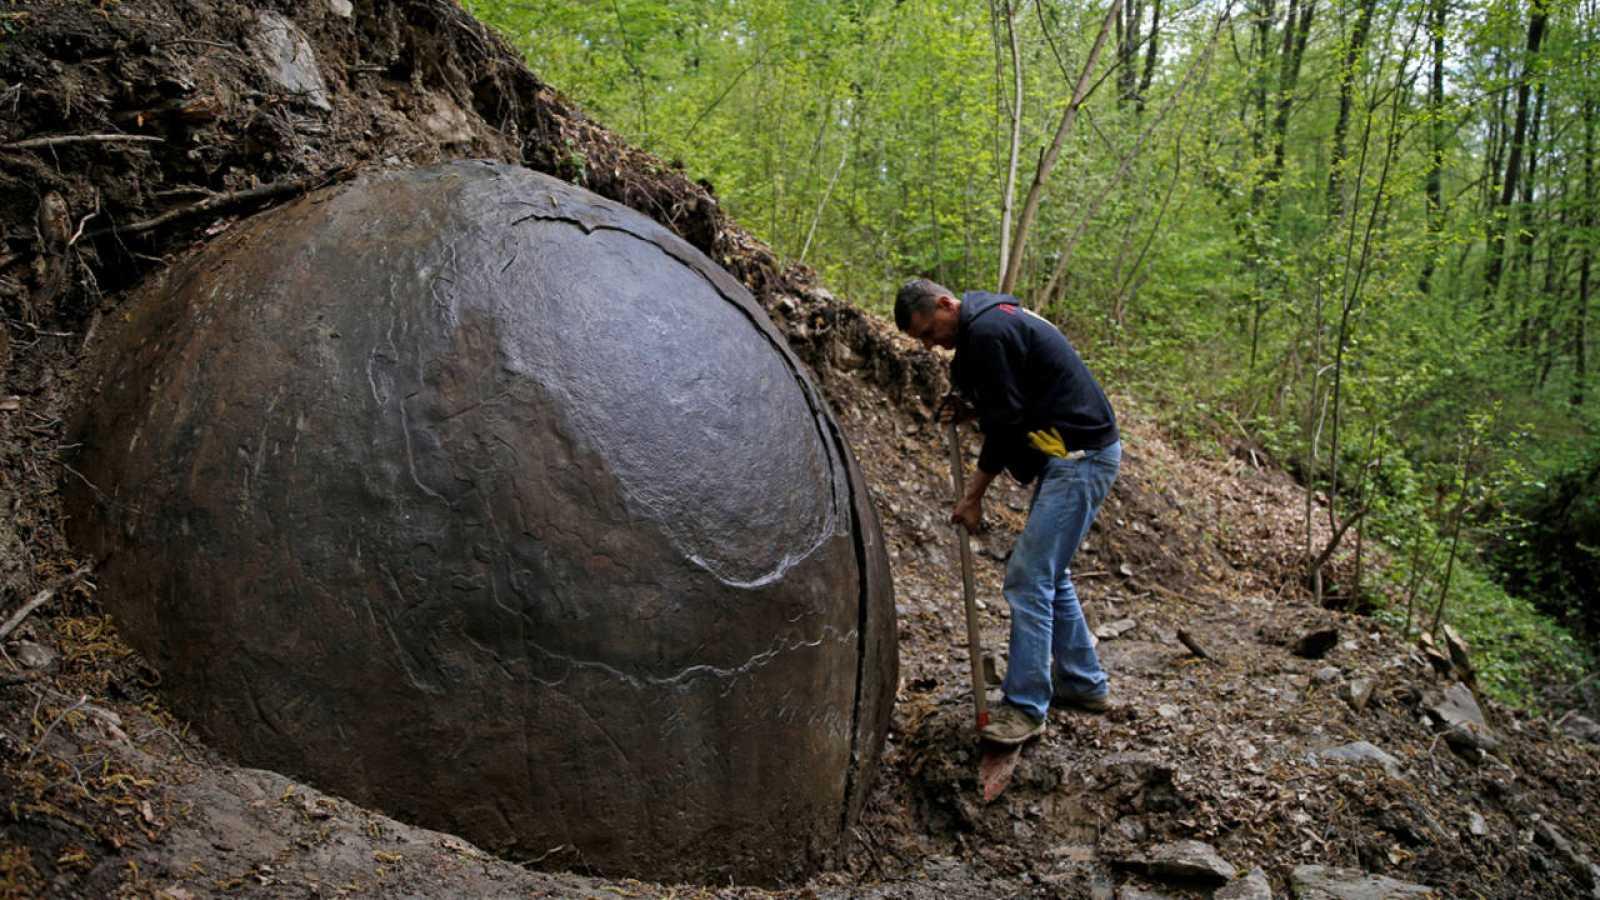 Los colores marrón y rojo de la esfera apuntan a un muy alto contenido de hierro.